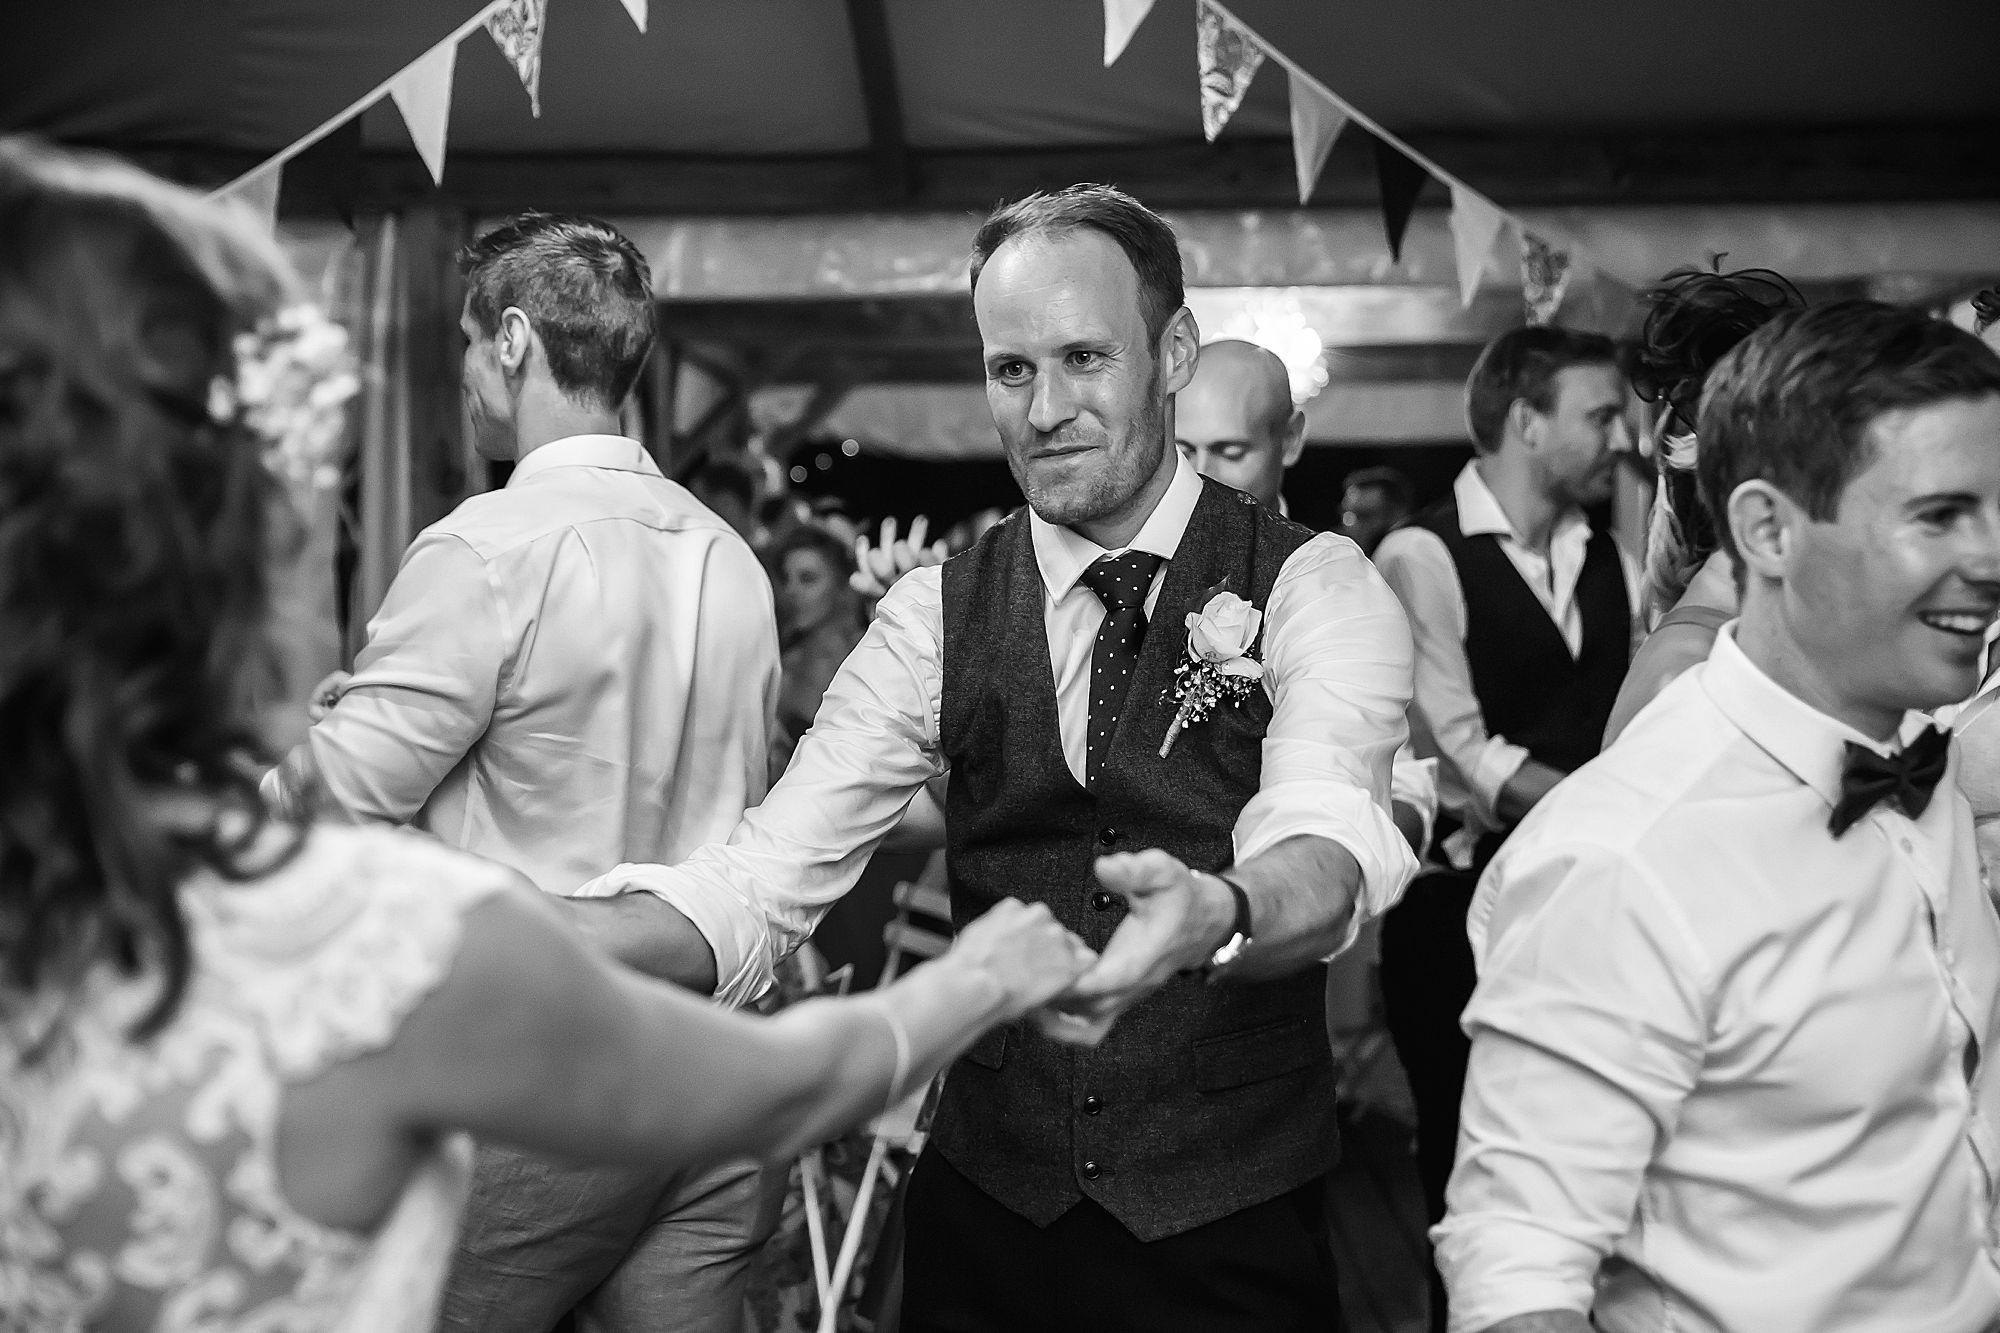 groom dances